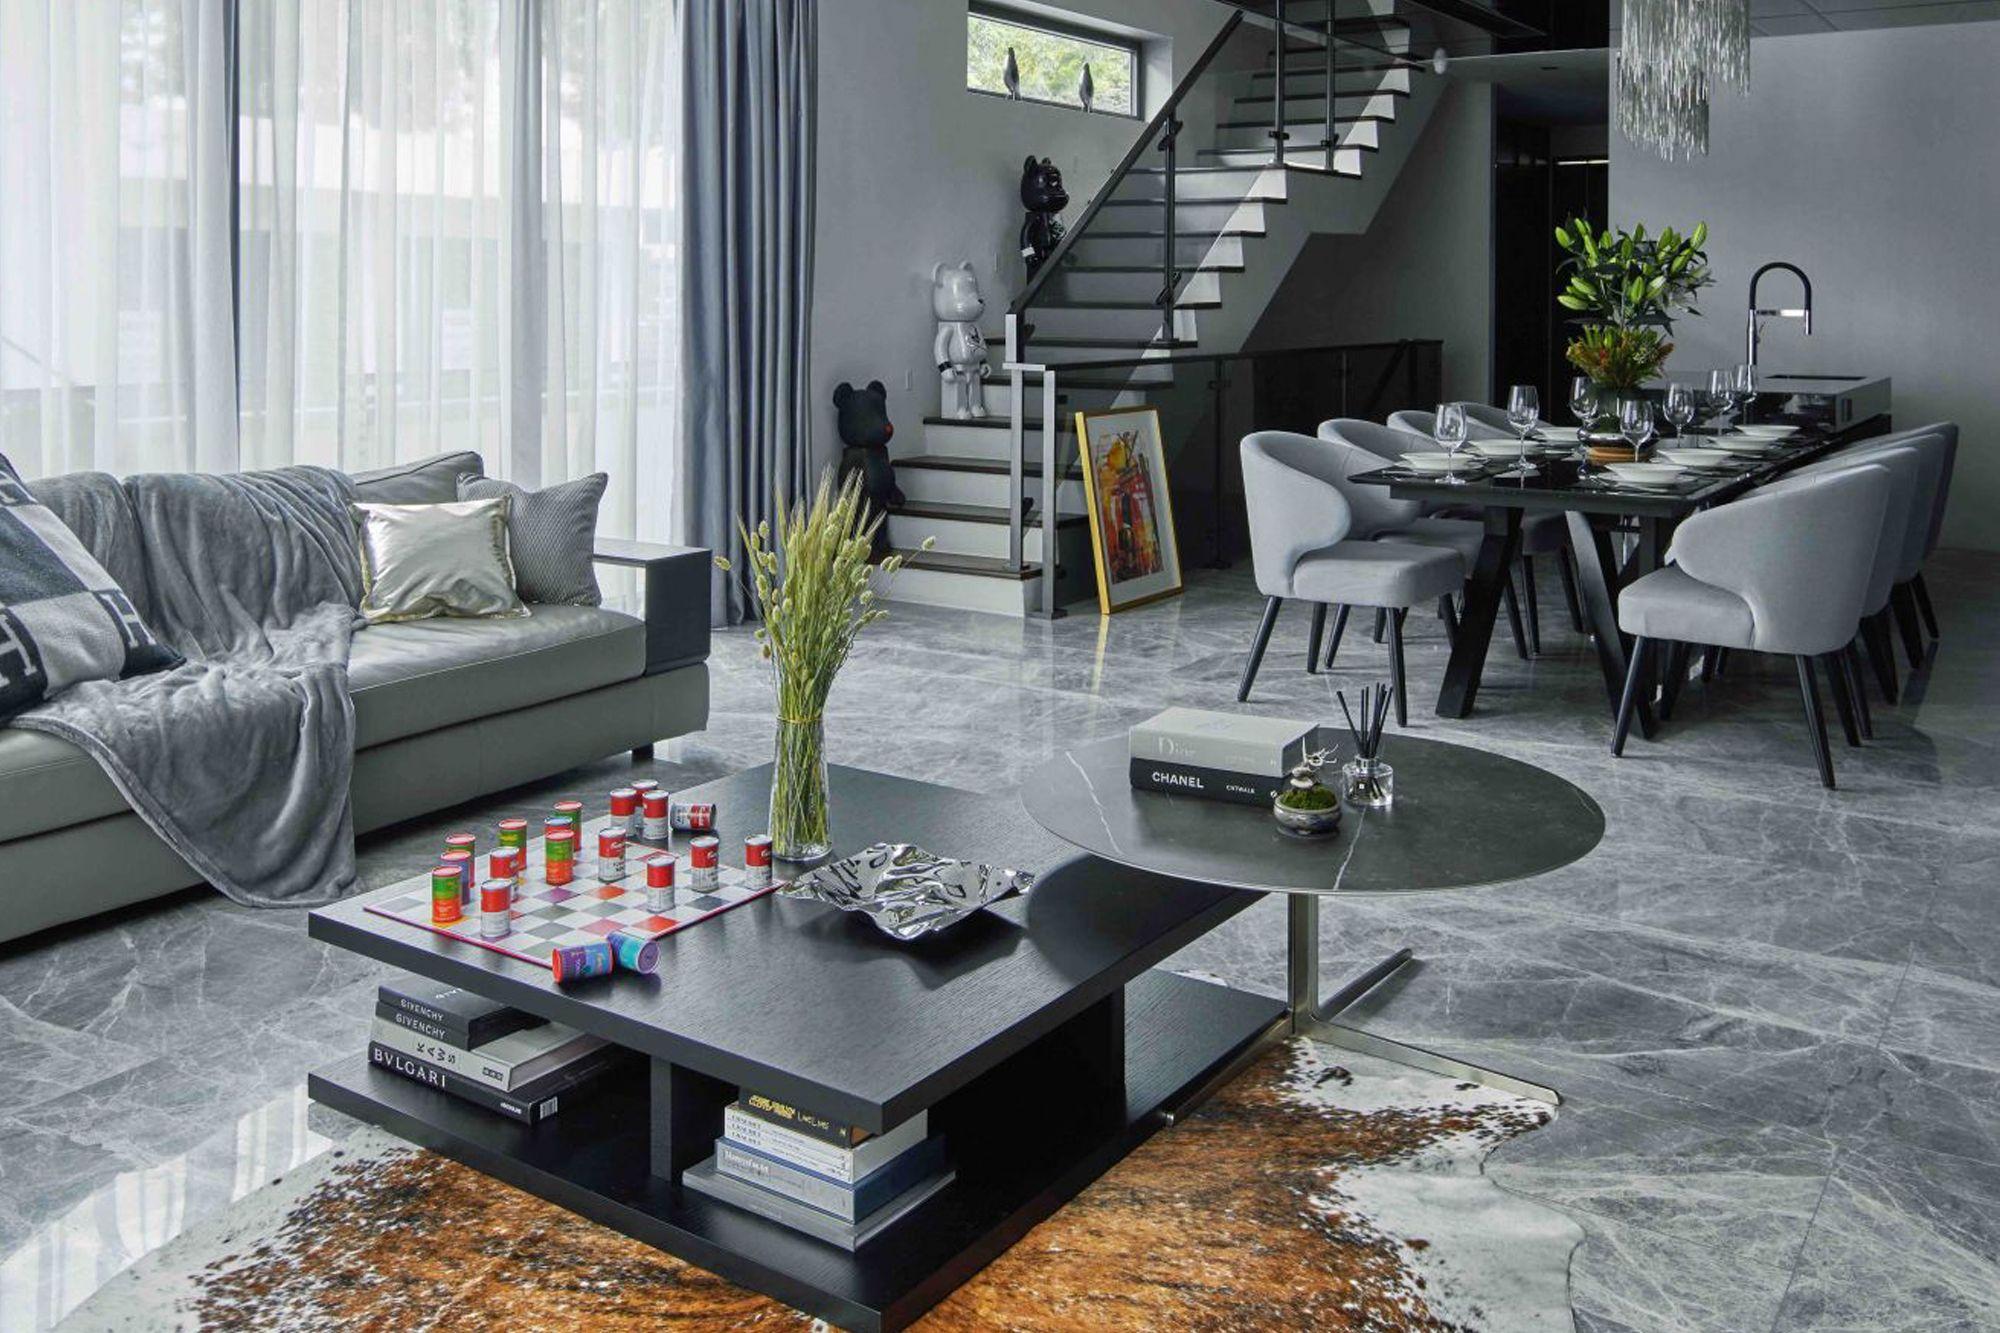 Die grauen Akzente der gemütlichen Decke und Kissen auf dem Sofa im Wohnzimmer spiegeln sich in den weichen Esszimmerstühlen wider, die den Raum verbinden Fotografie: Jasper Yu